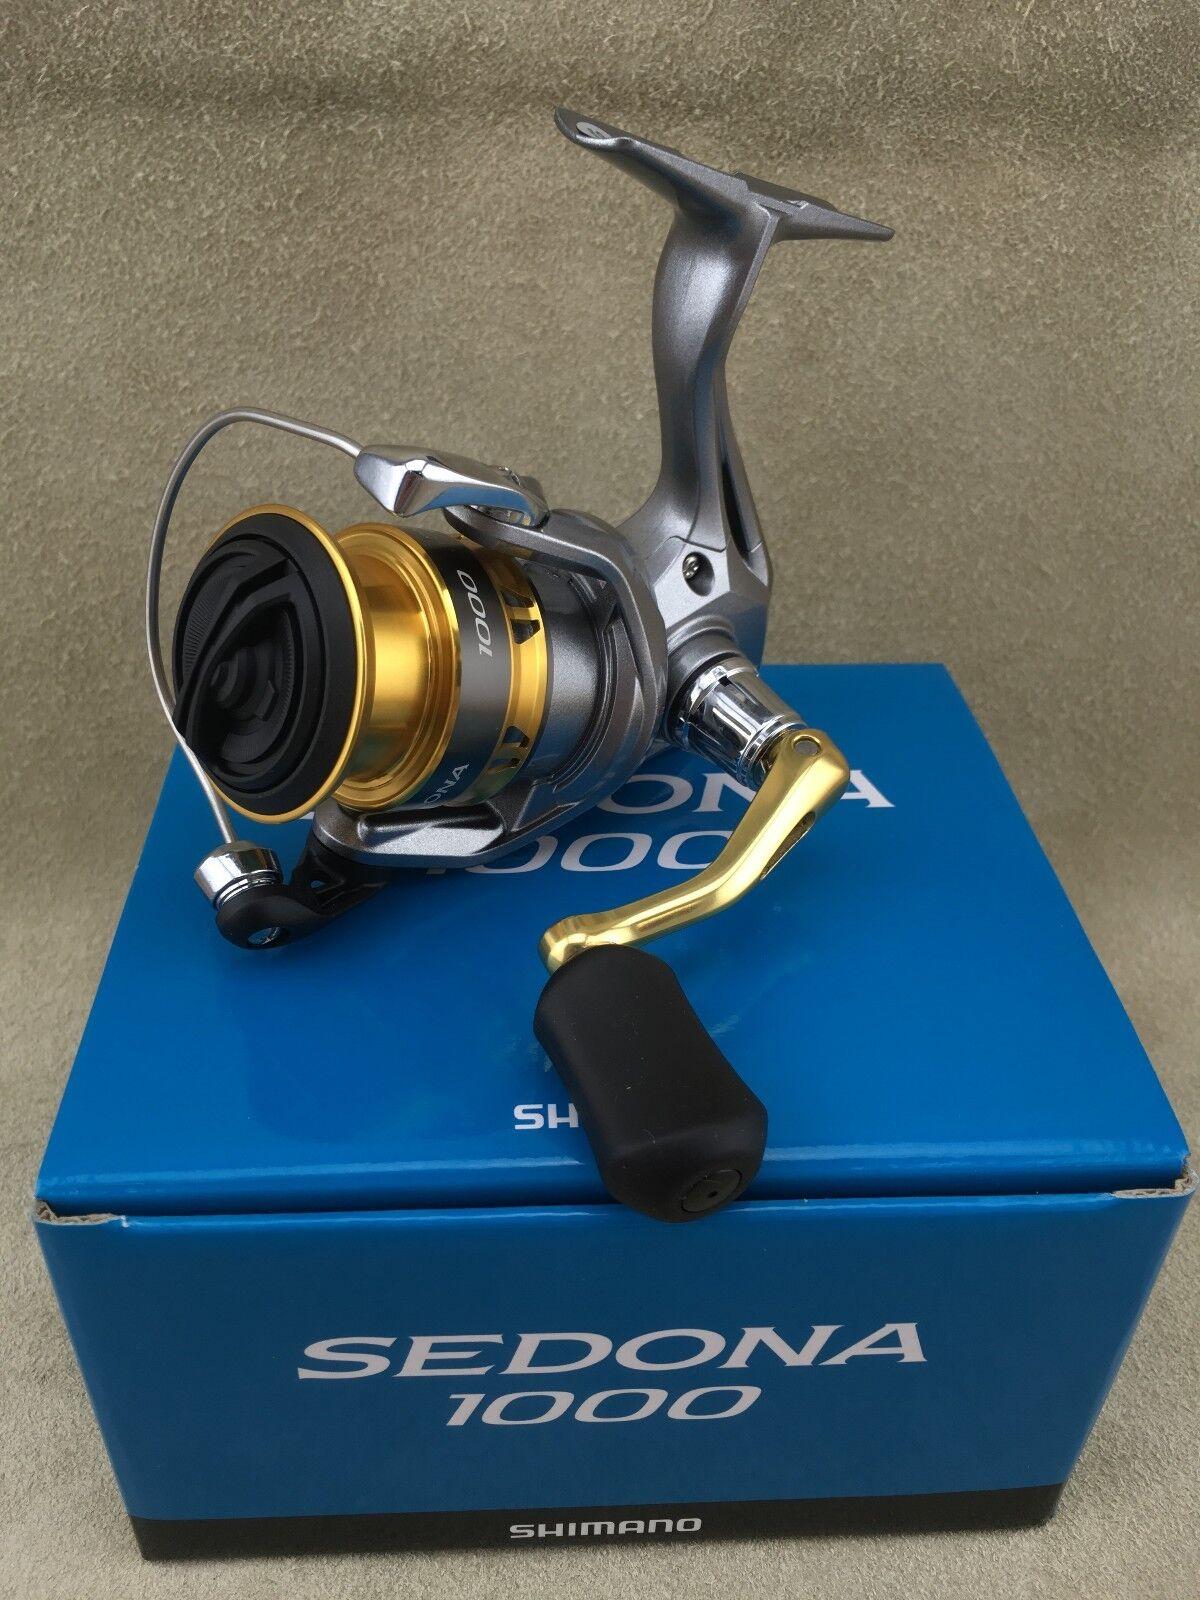 Shimano Sedona Fi Spinning Mulinello Frizione Anteriore 1000  5000 Varie Misure